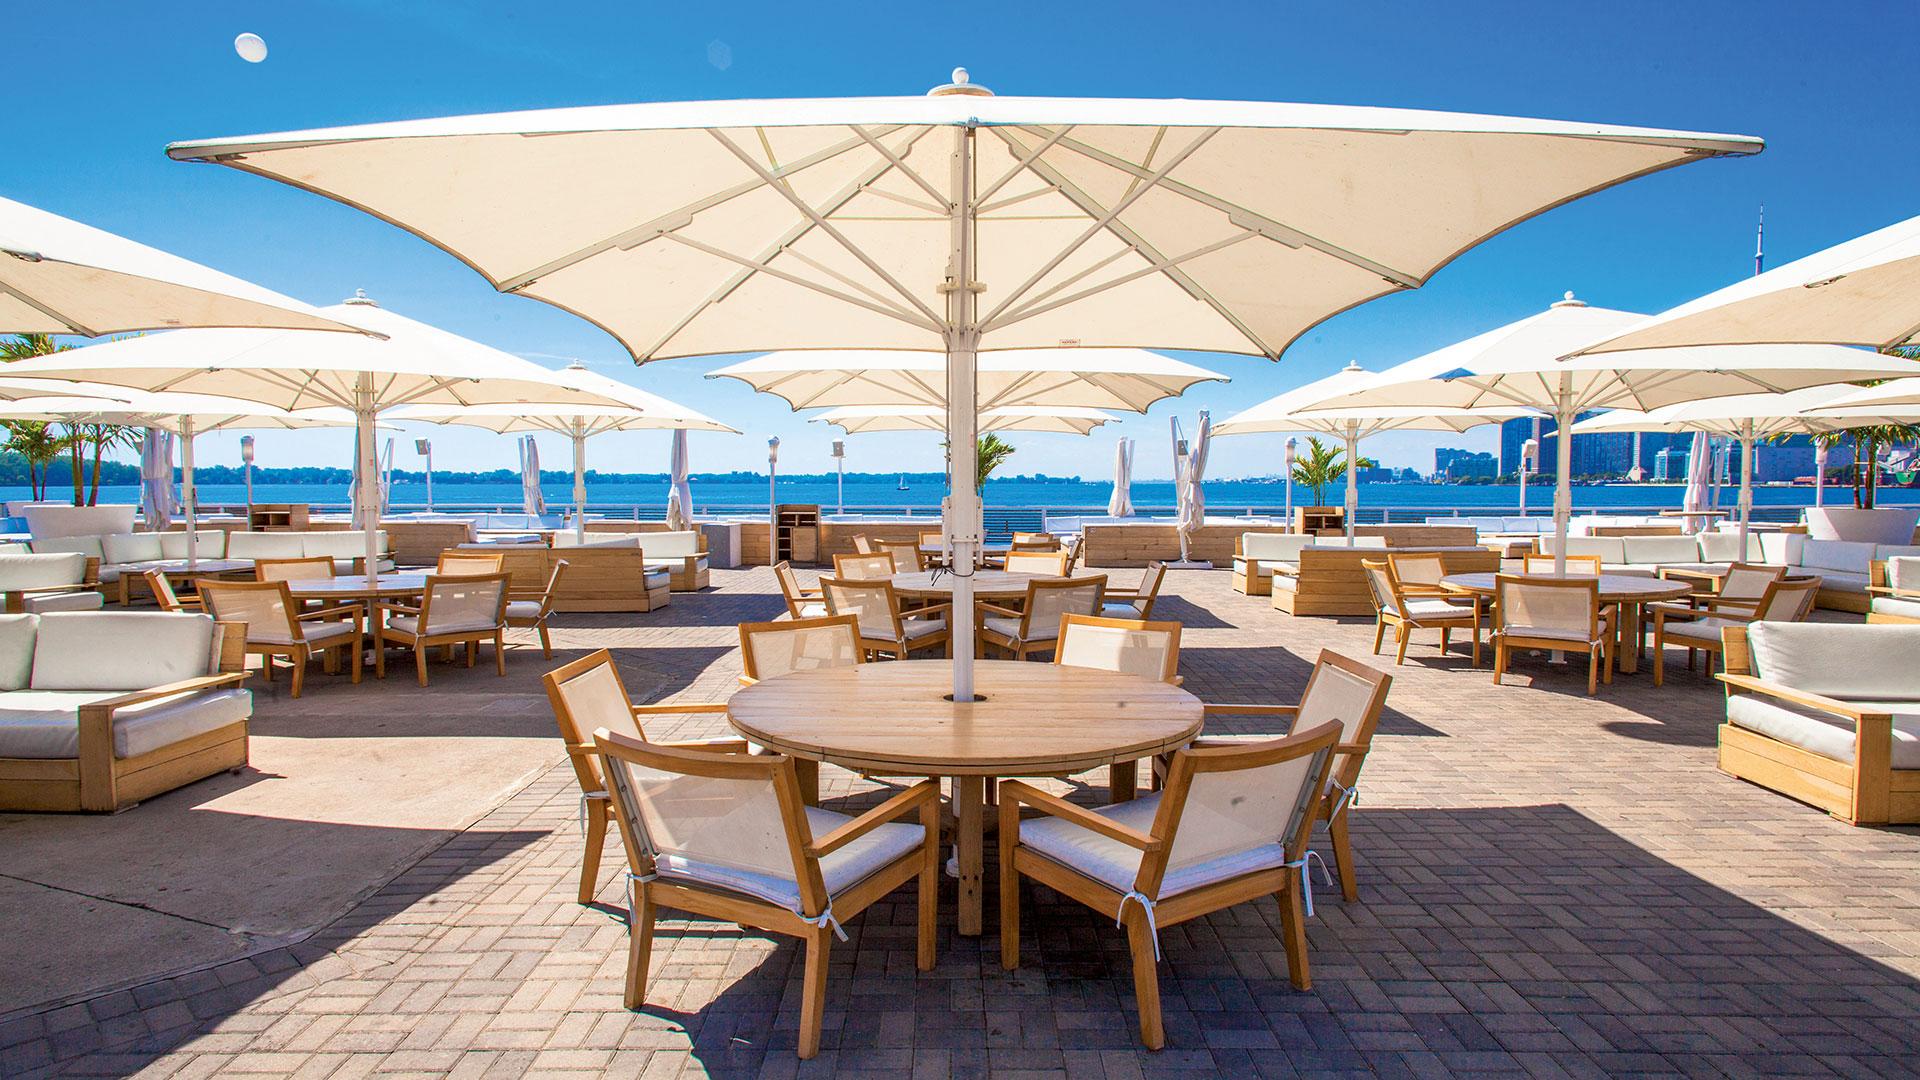 Jumbrella Sonnenschirm - Der ausgezeichnete Grossschirm - Premium Sonnenschutz Lösung von Bahama